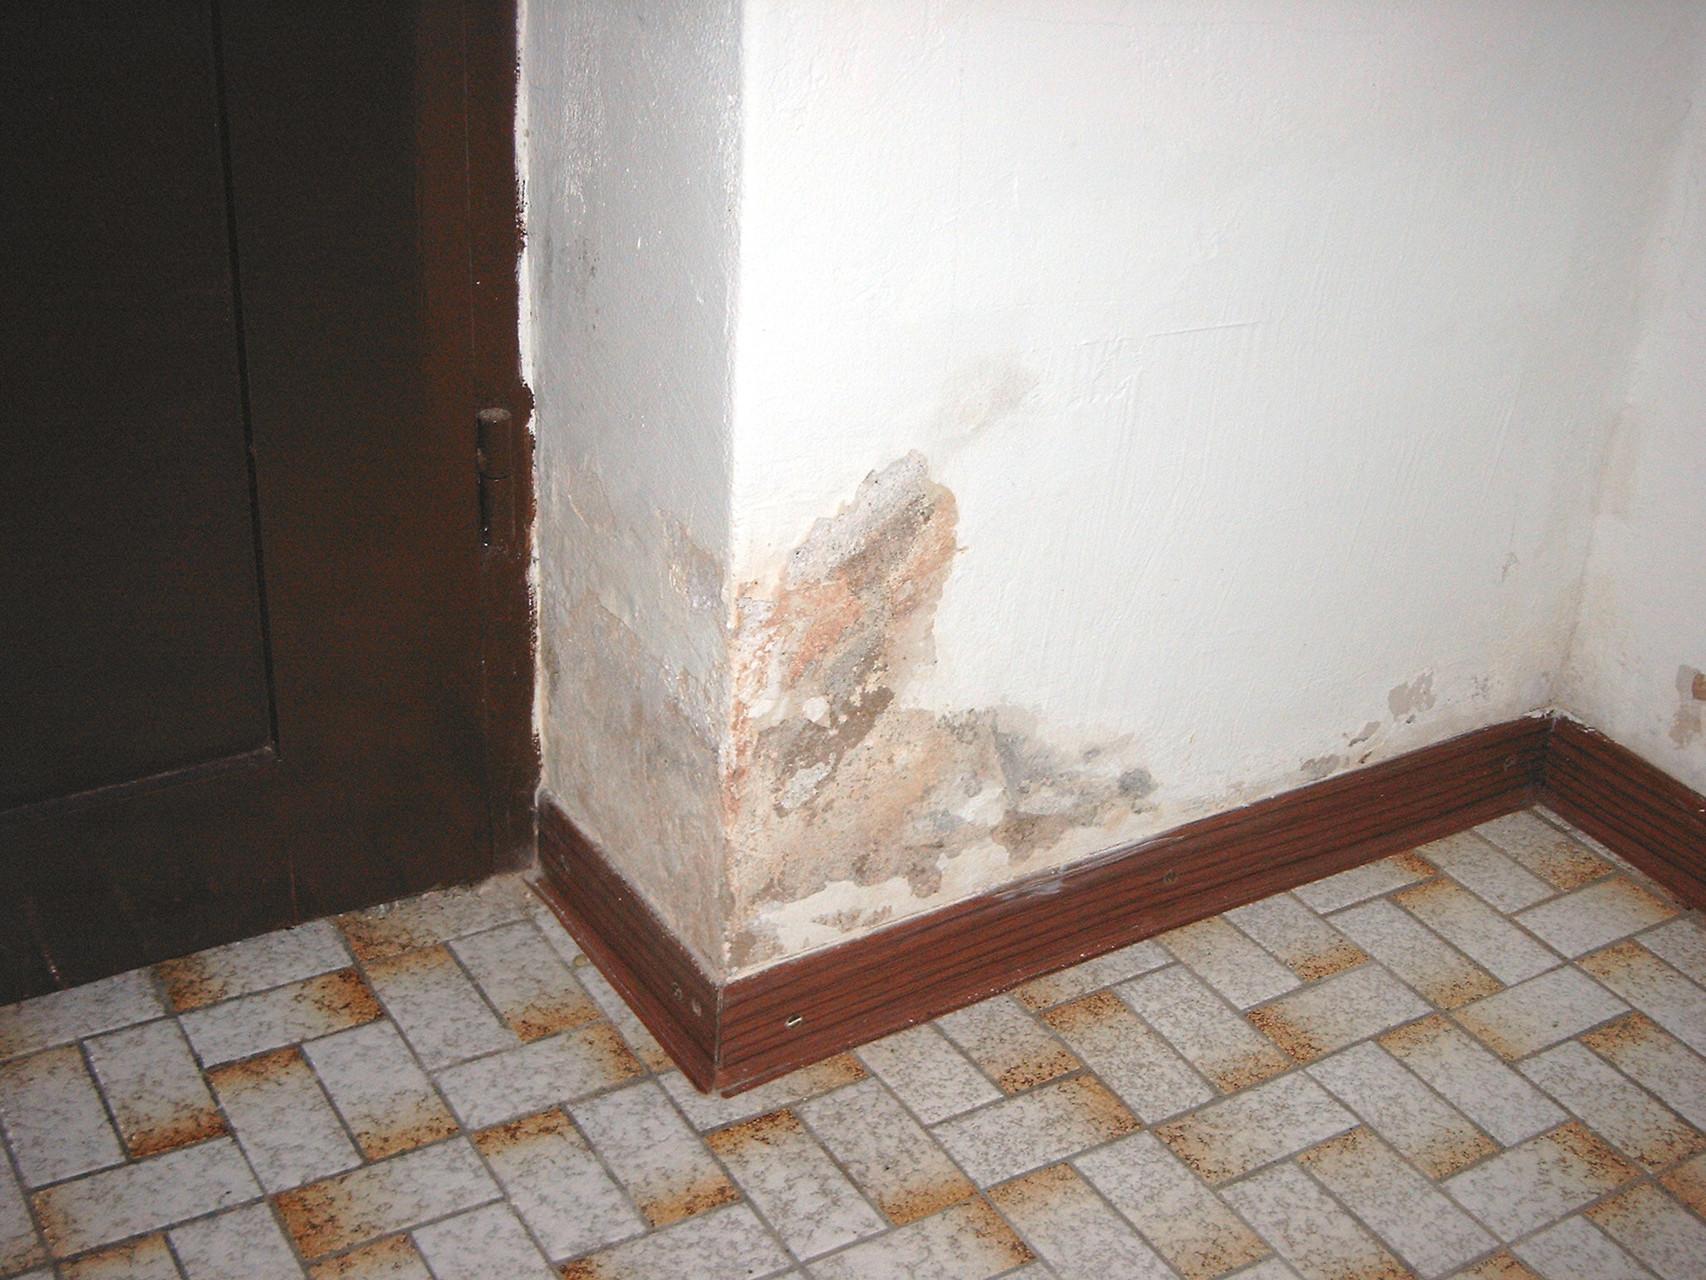 Bauschädliche Salze durch defekte Entwässerung